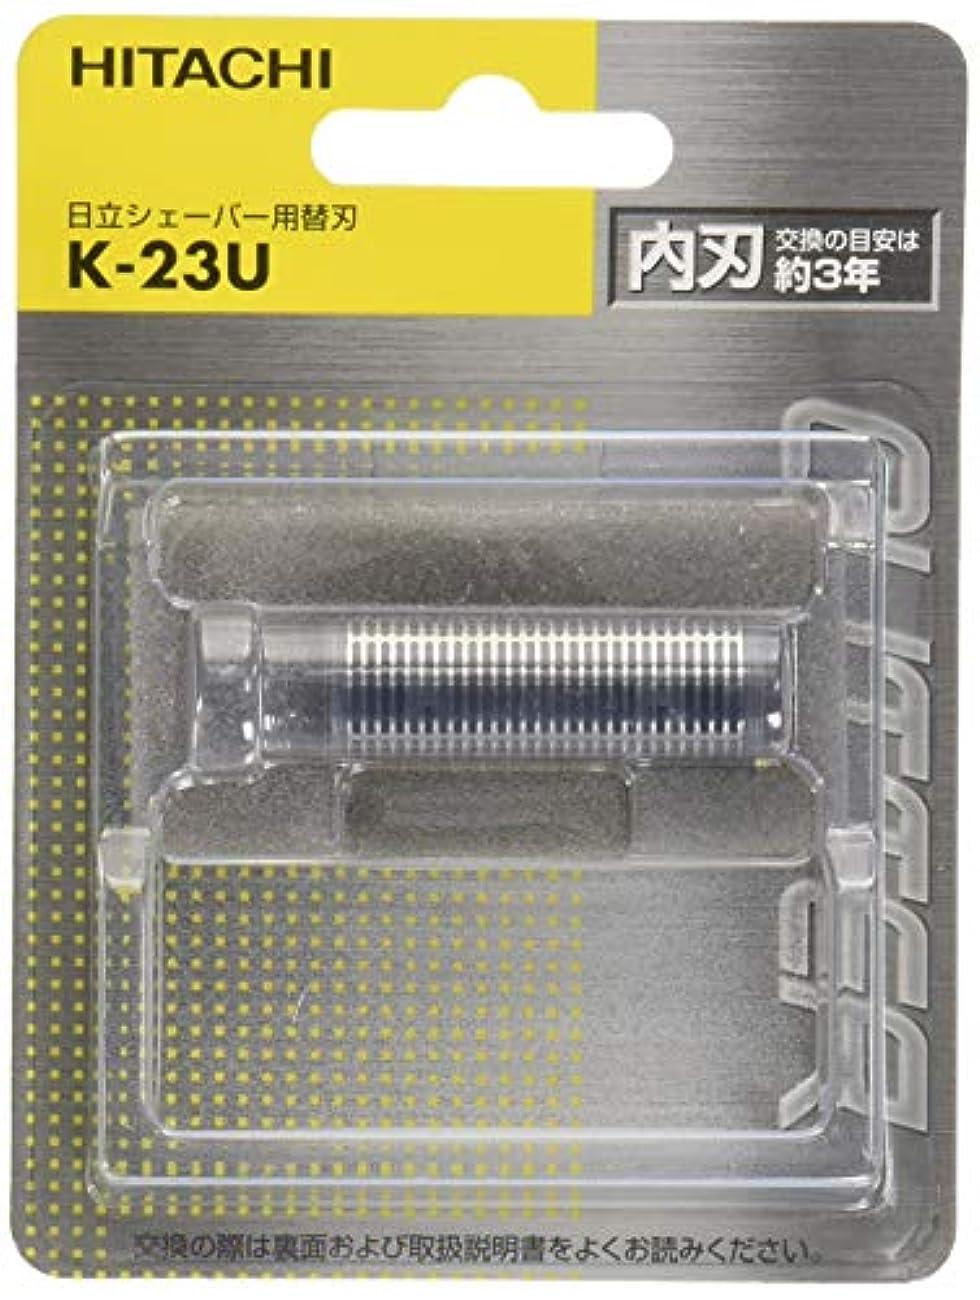 影響するグローダンプ日立 メンズシェーバー用替刃(内刃) K-23U